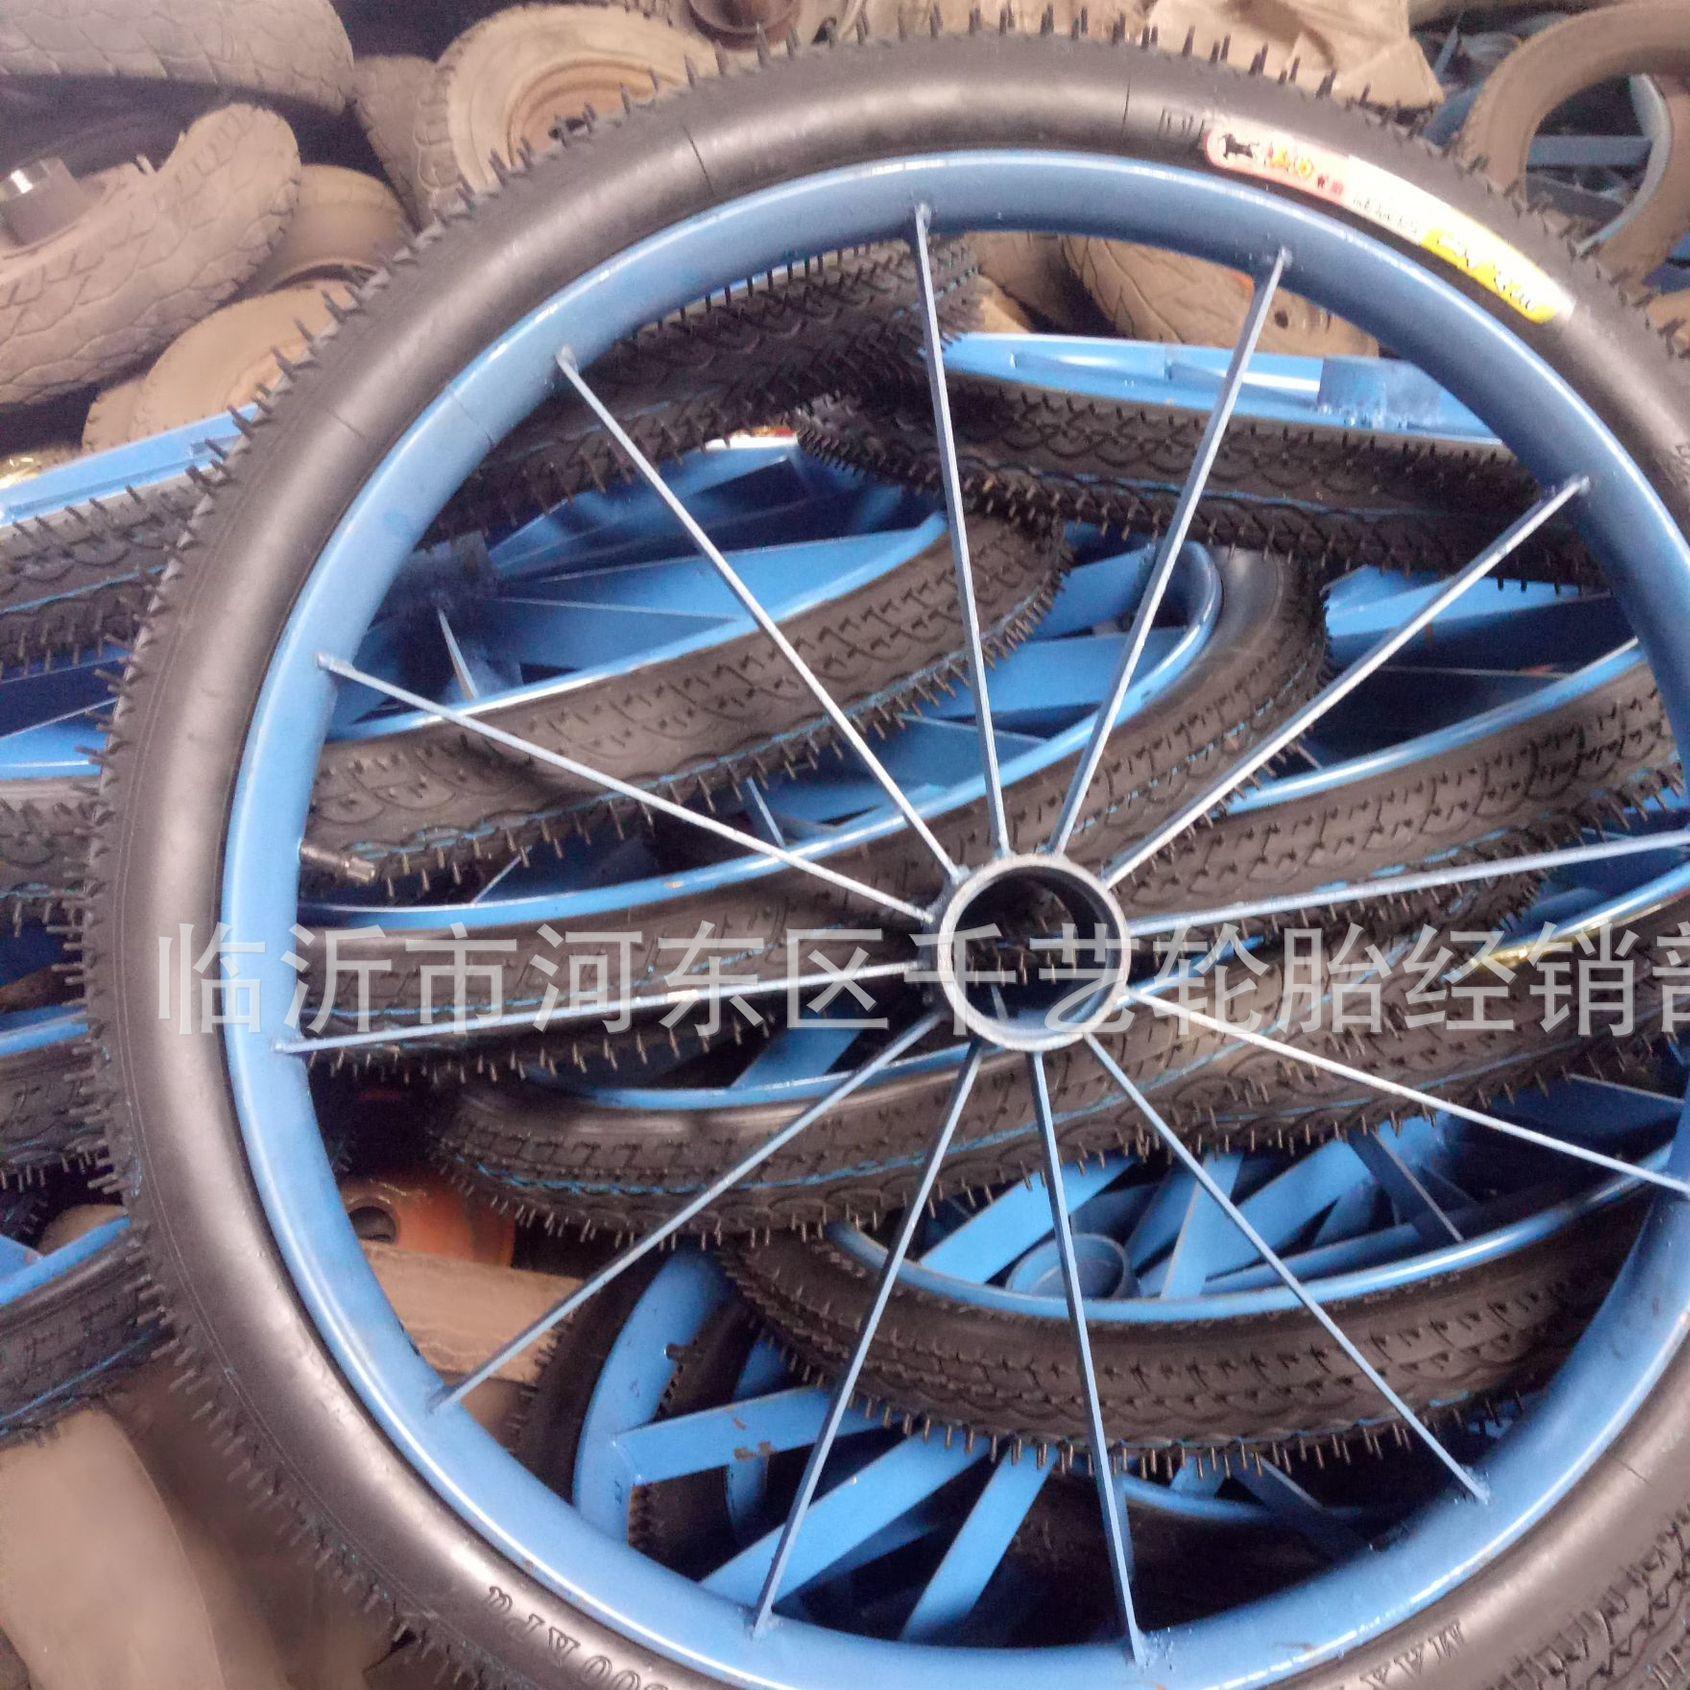 厂家直销26 1/2力车轮 12根扁条加重 充气型 马车轮 力车轮